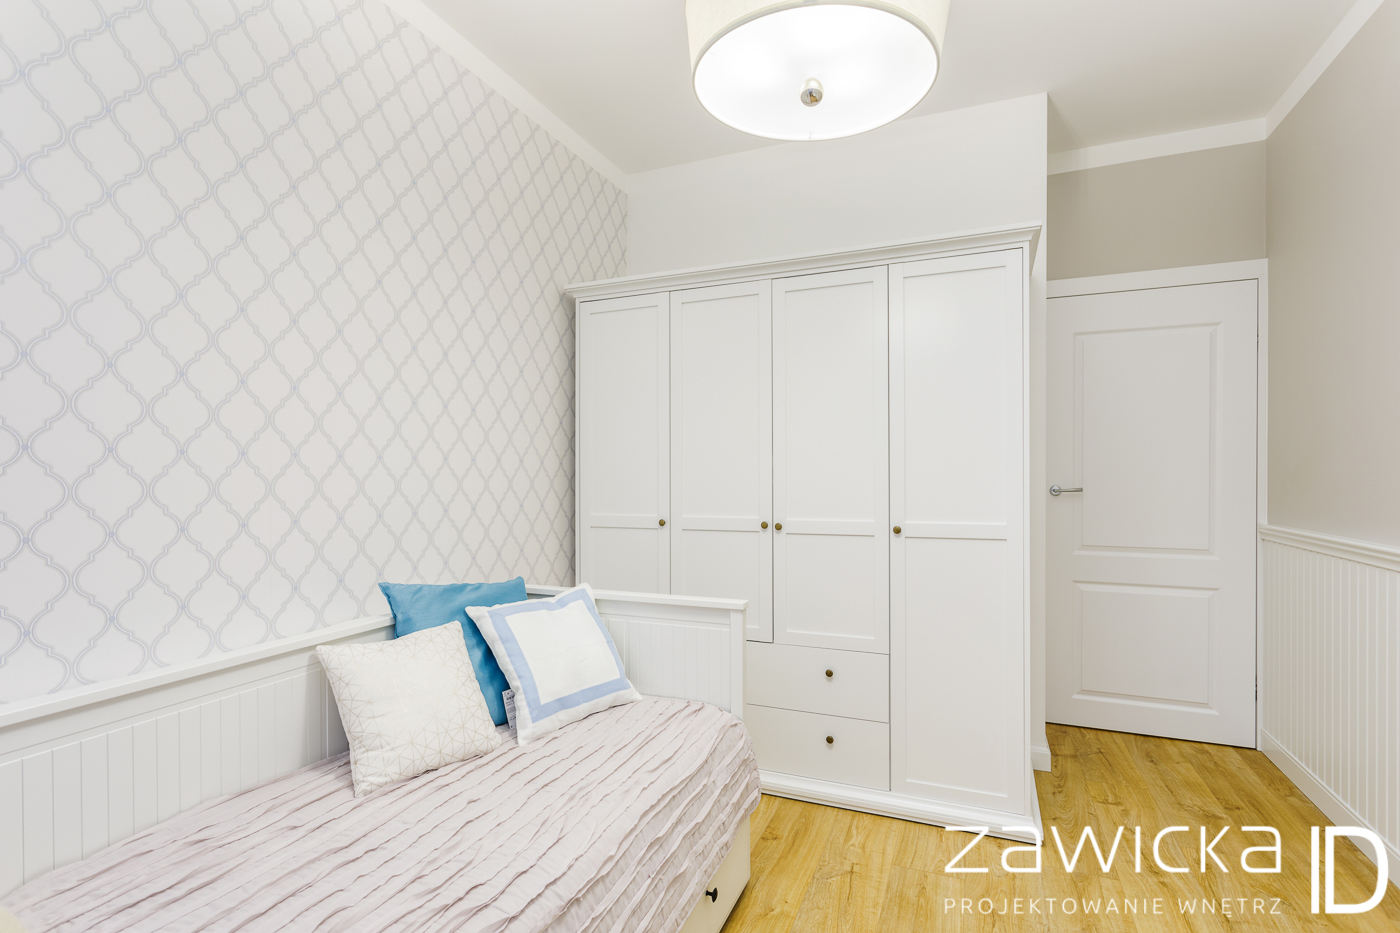 Wnętrza w stylu Hamptons - ZawickaID